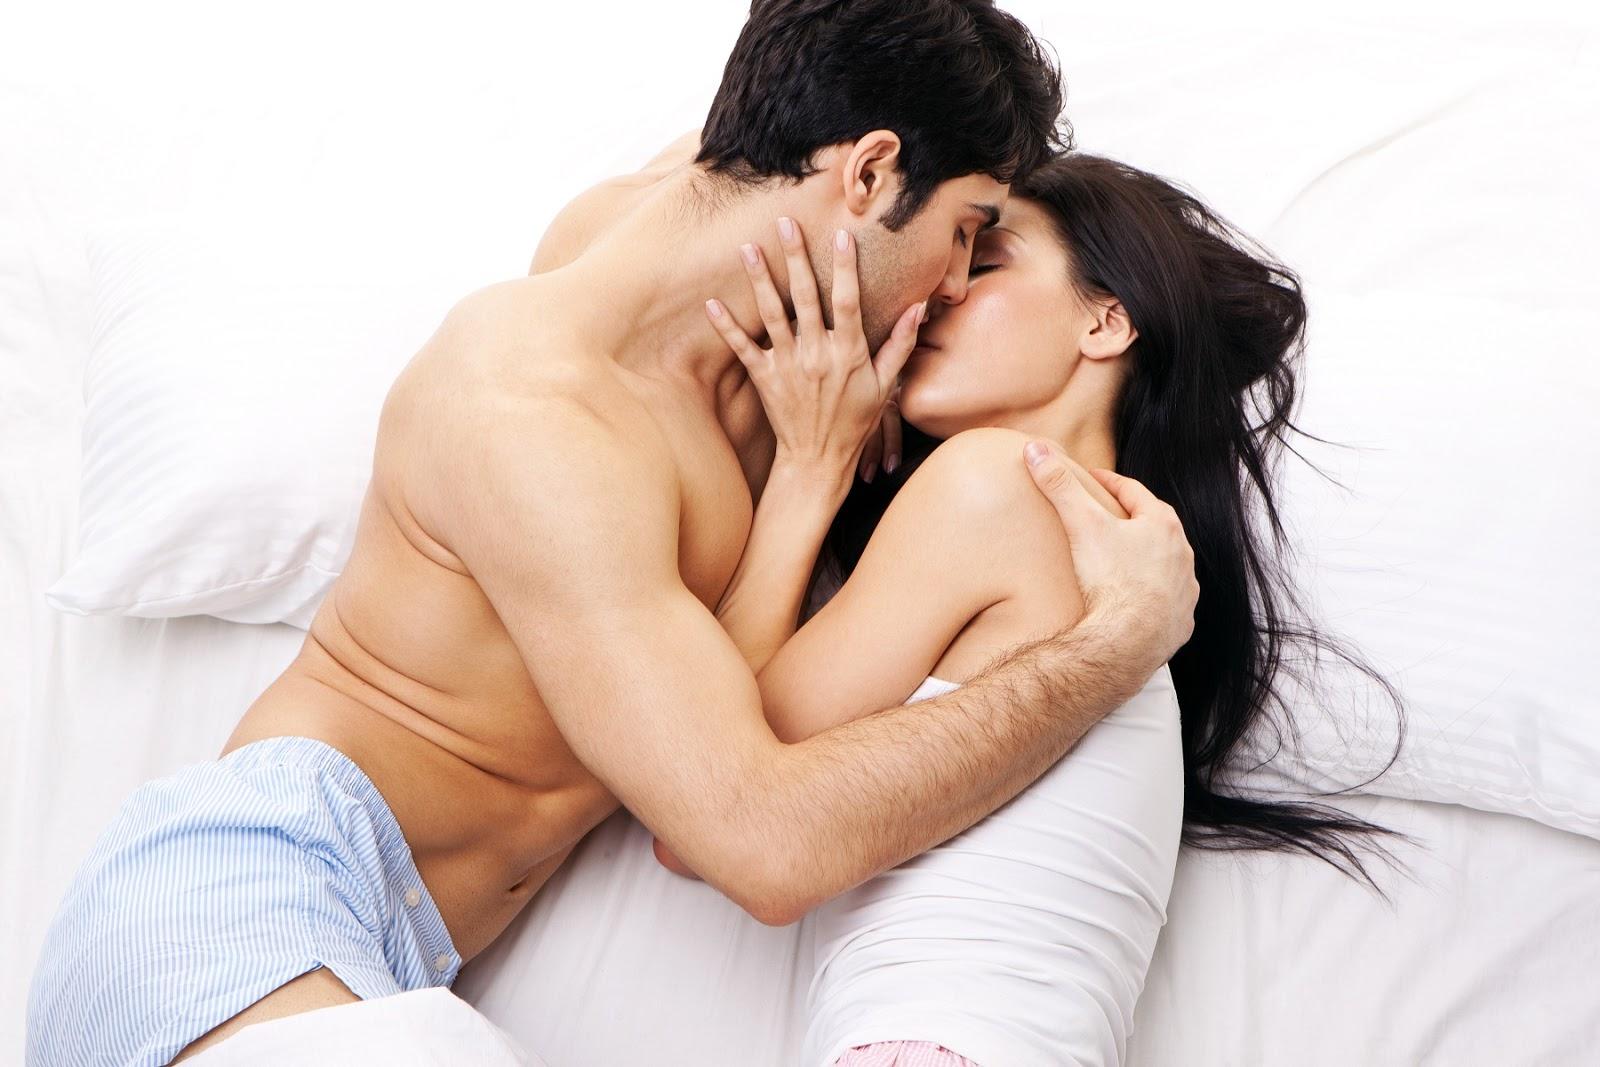 18e3e63fd623e فارس الأحلام  كيف تثيرين زوجك في الفراش بالحيل الجنسية جريئة